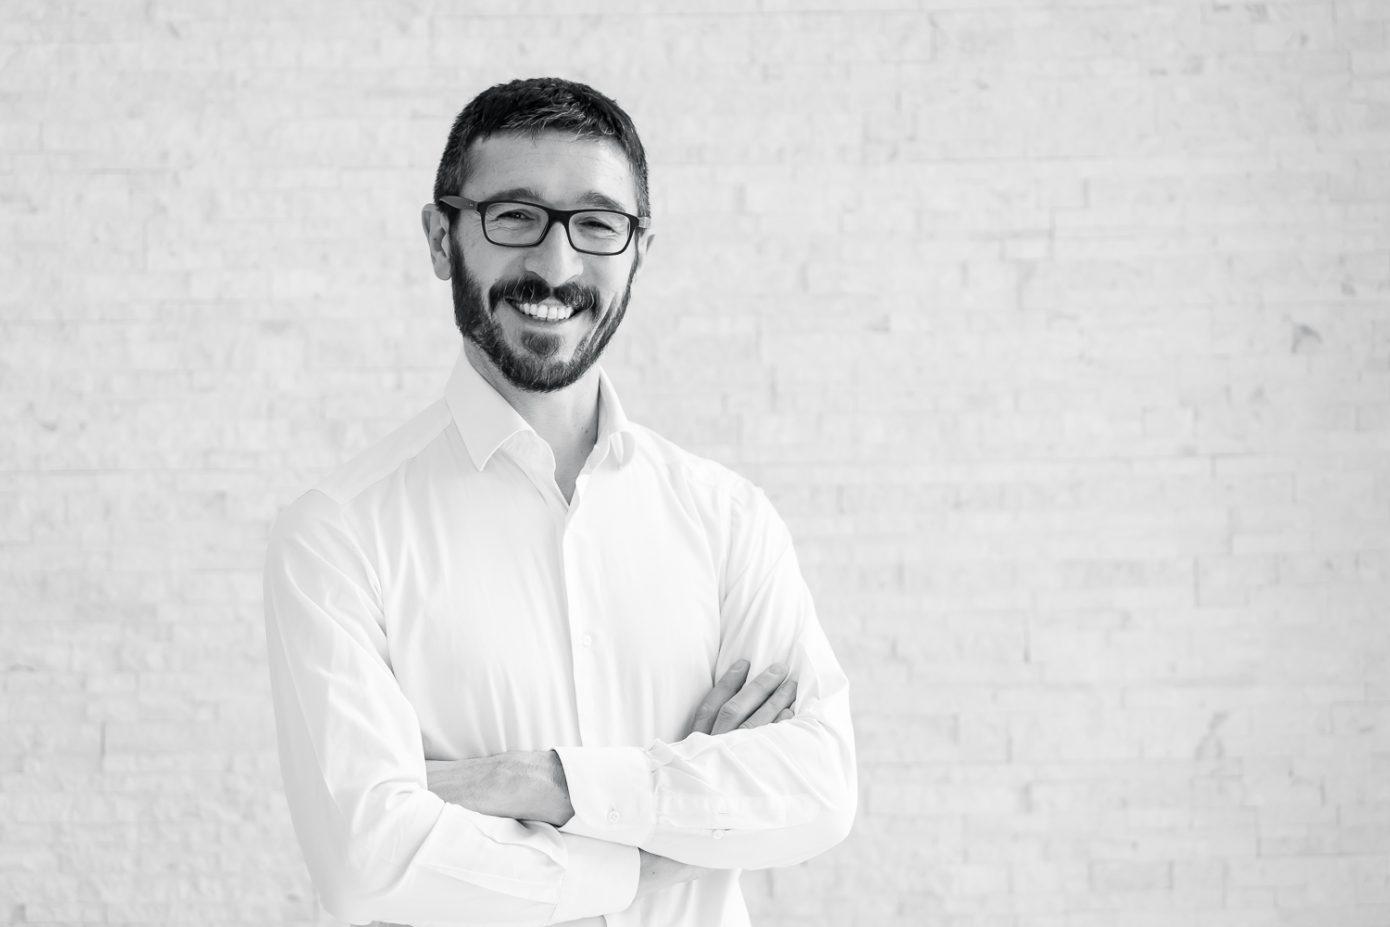 Stefano Cerutti hotel management e Mirtillo Rosso